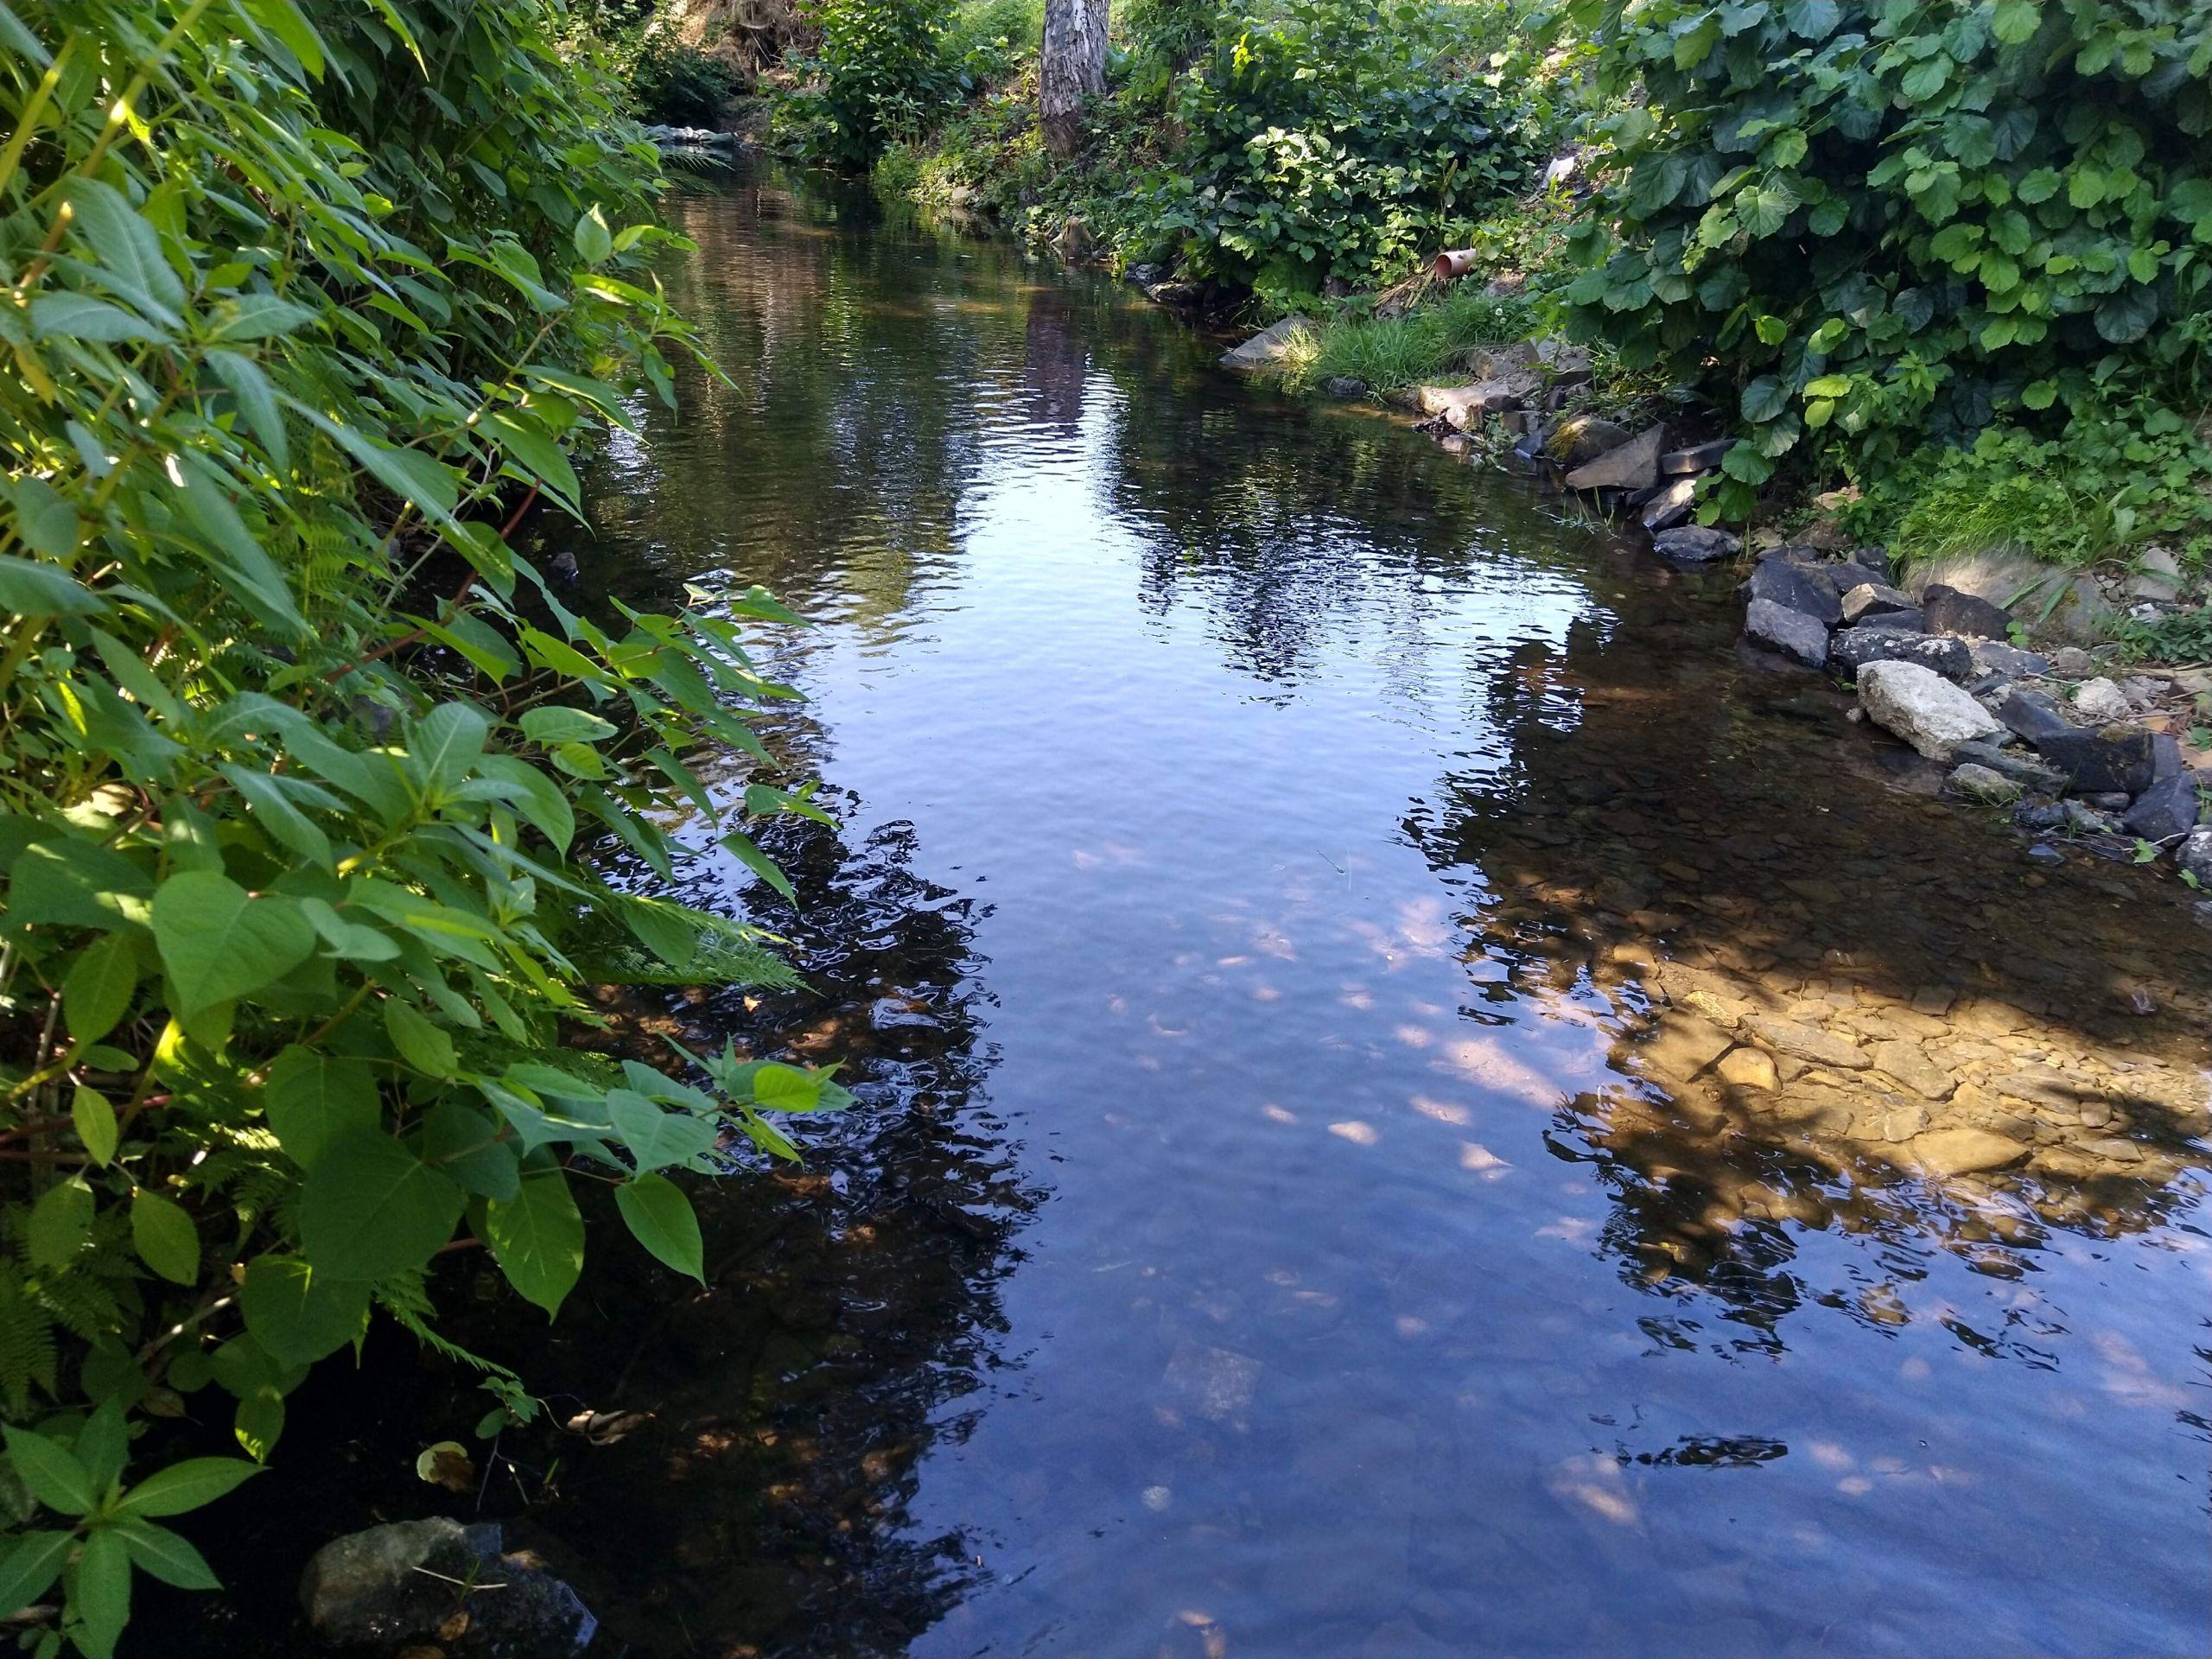 Aubach im Sommer bei normalem Wasserstand